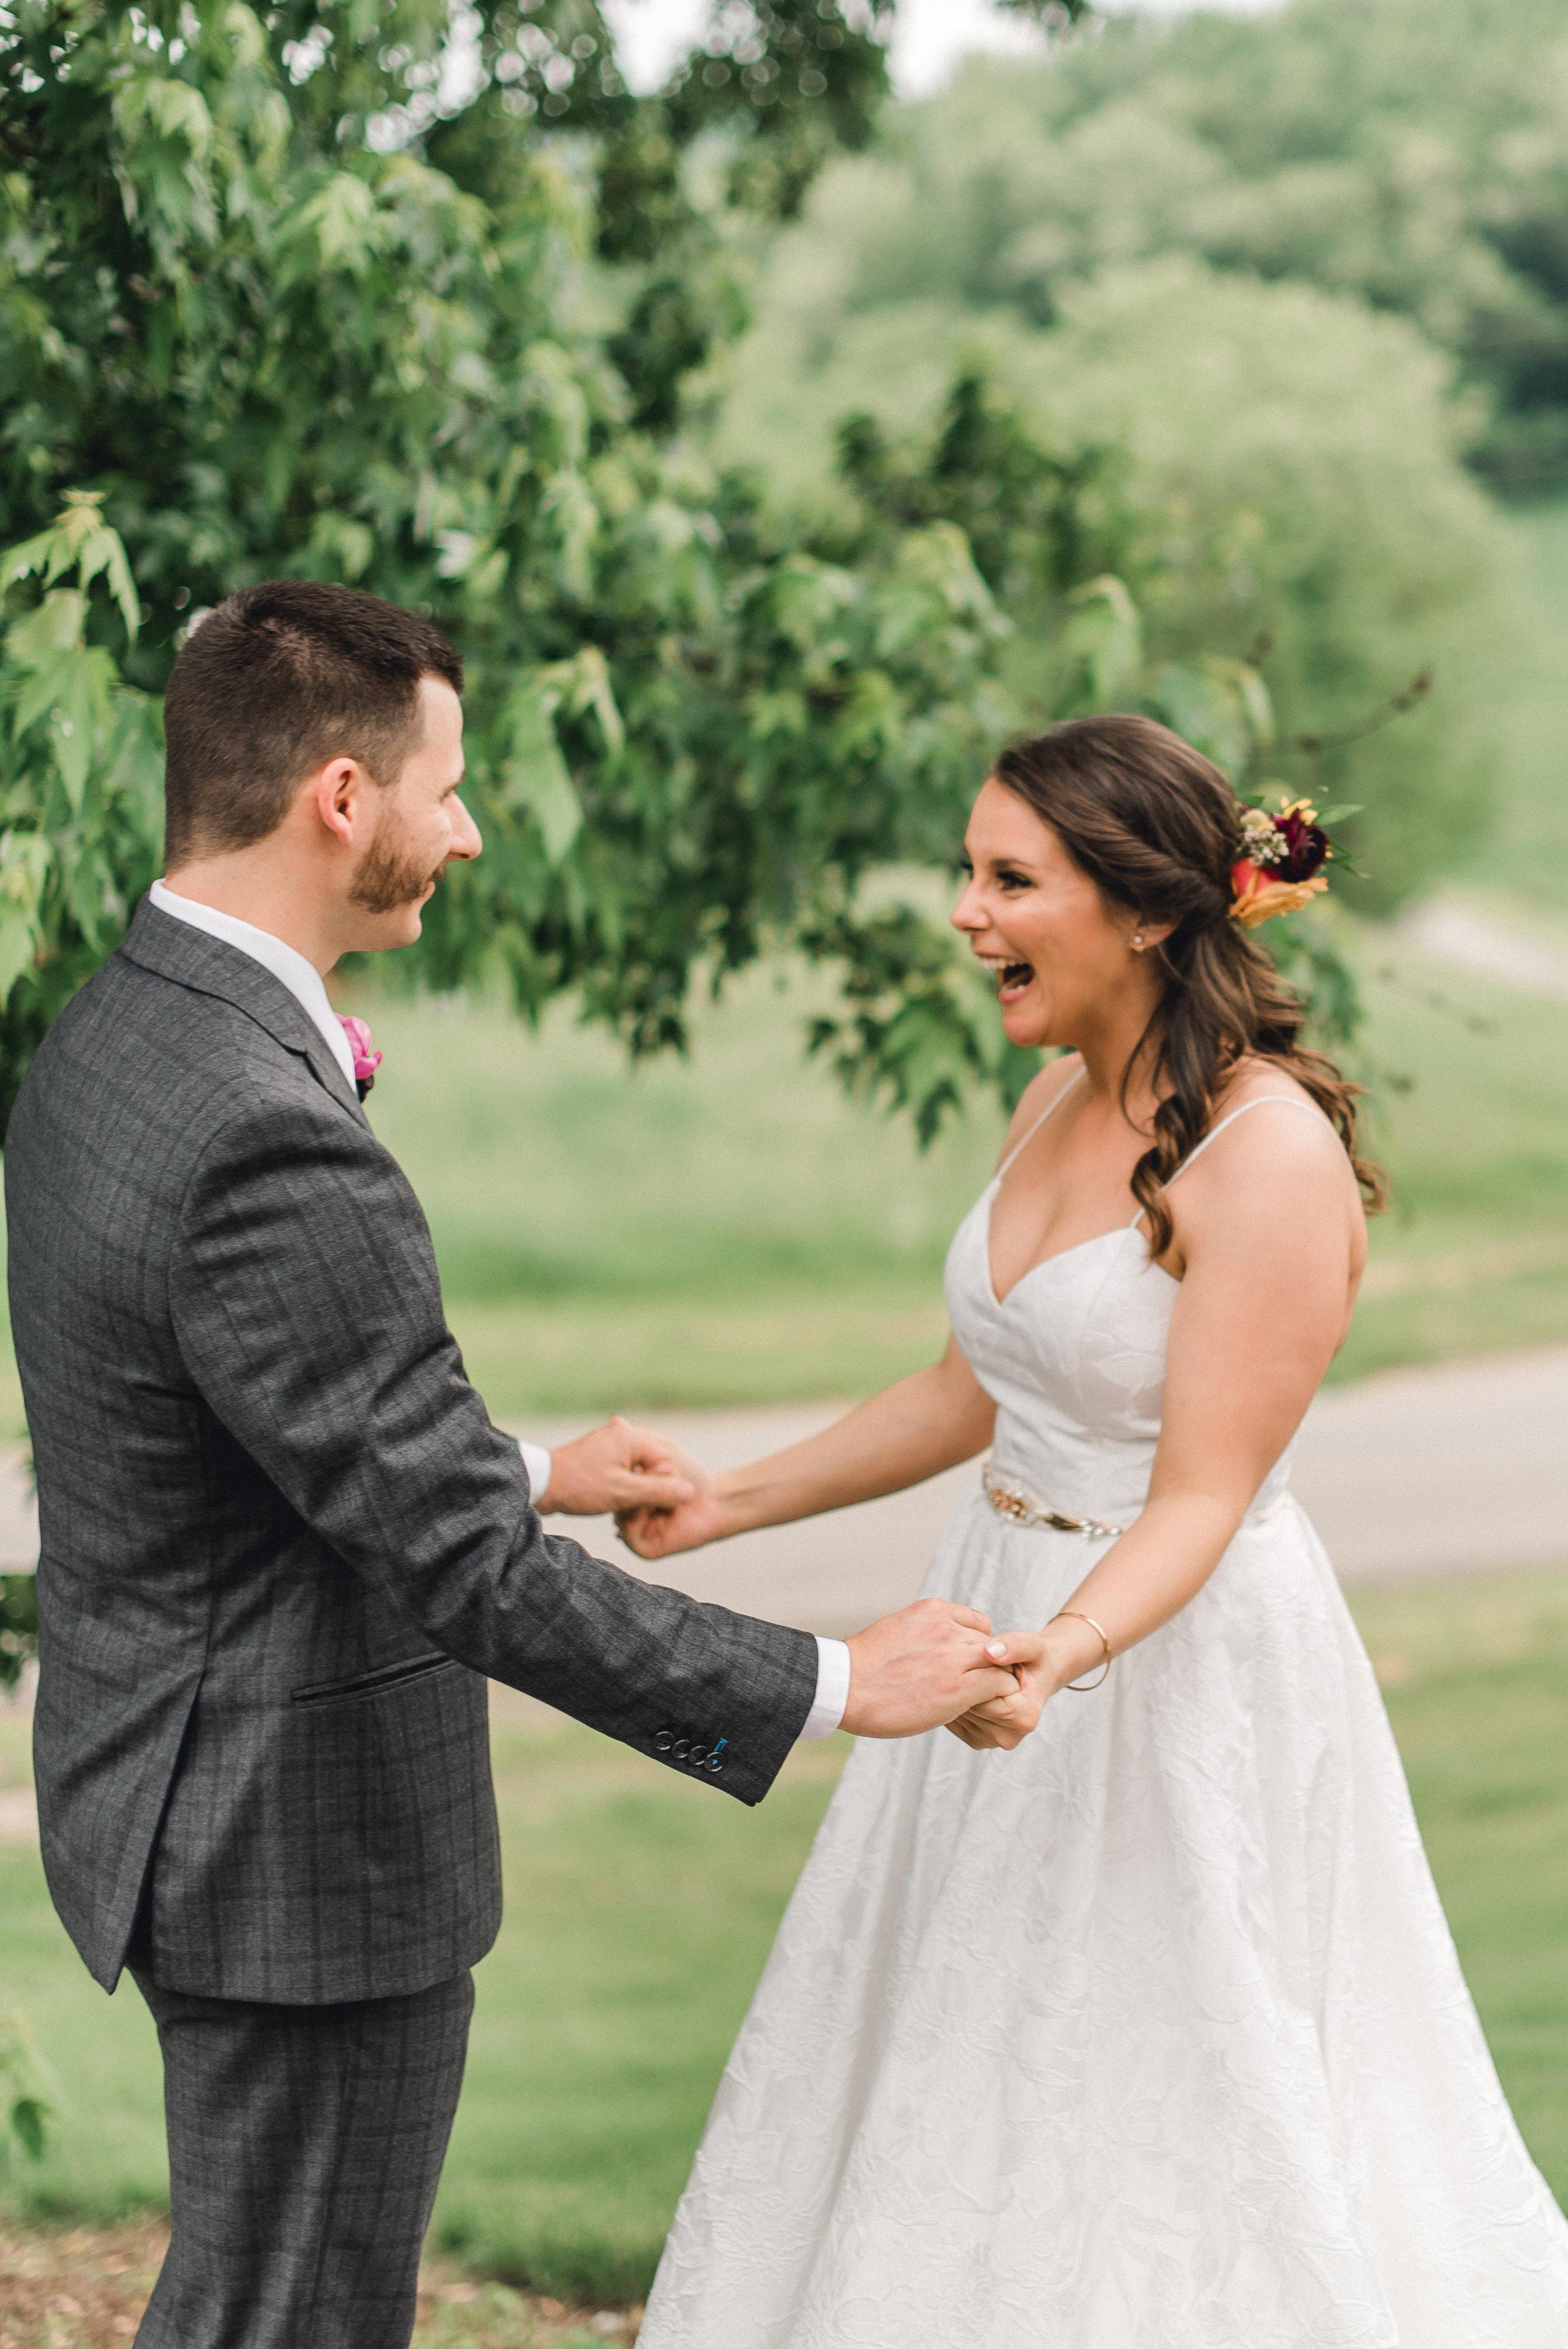 pittsburgh-wedding-bramblewood-farm-barn-wes-anderson-0014.jpg